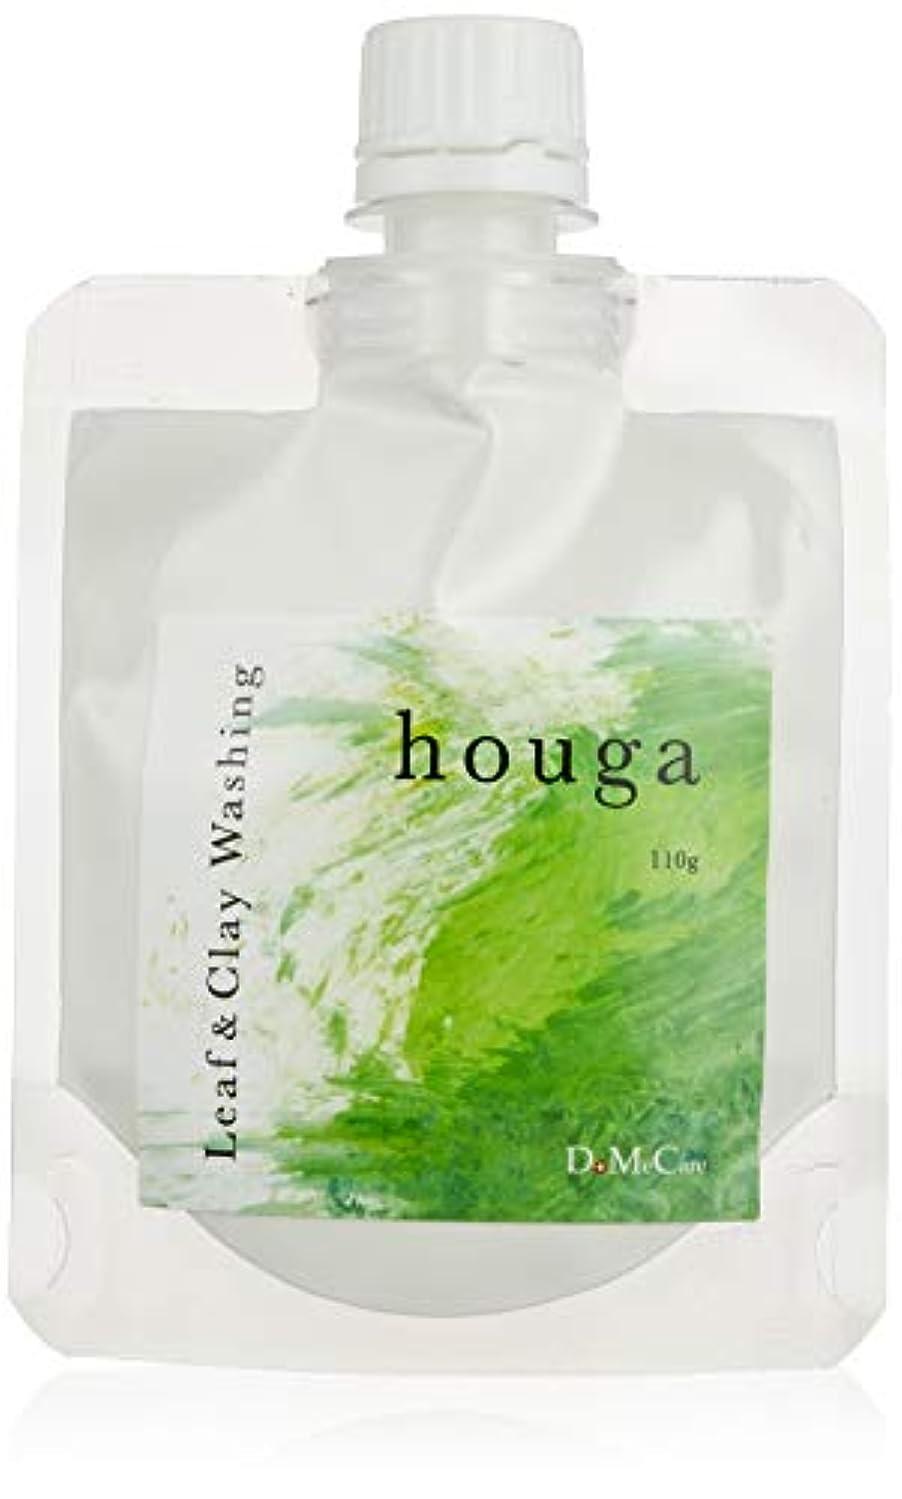 グリップ部分的にまぶしさDMC 萌芽 リーフ&クレイ ウォッシング 110g 緑葉泥泡洗顔 houga Leaf&Clay Washing